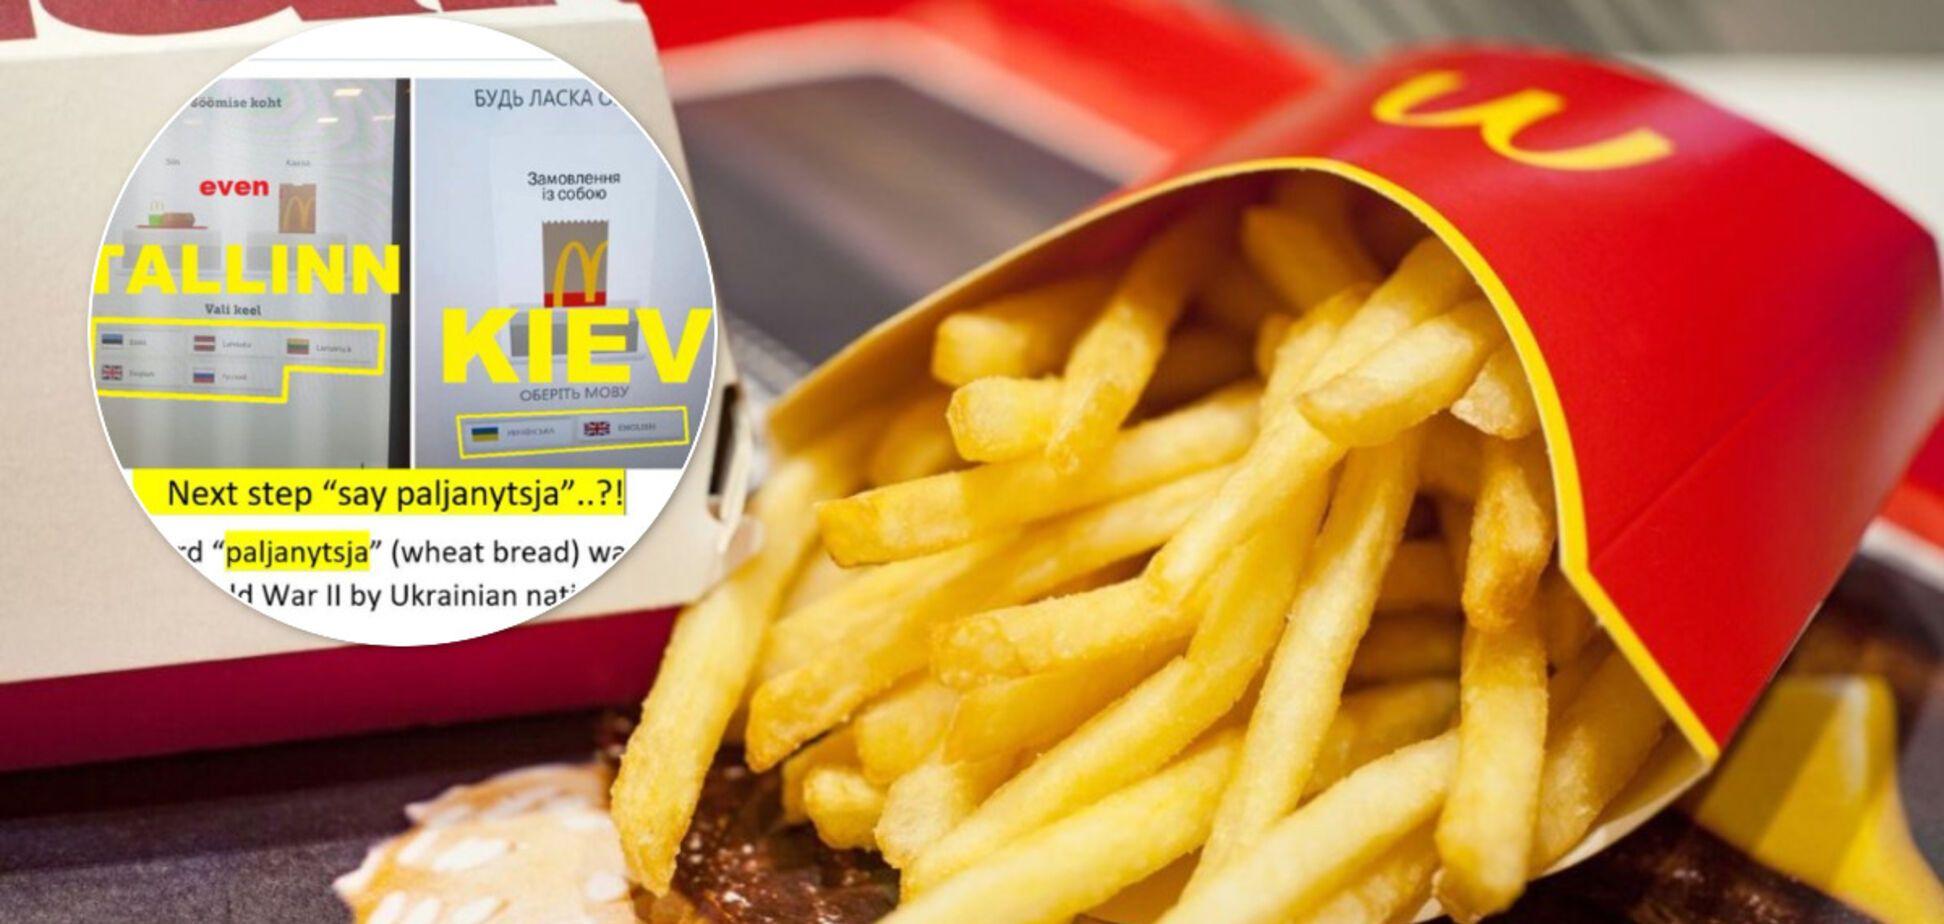 На мовний скандал із McDonald's РФ відреагувала фразою 'далі буде – скажи паляниця?'